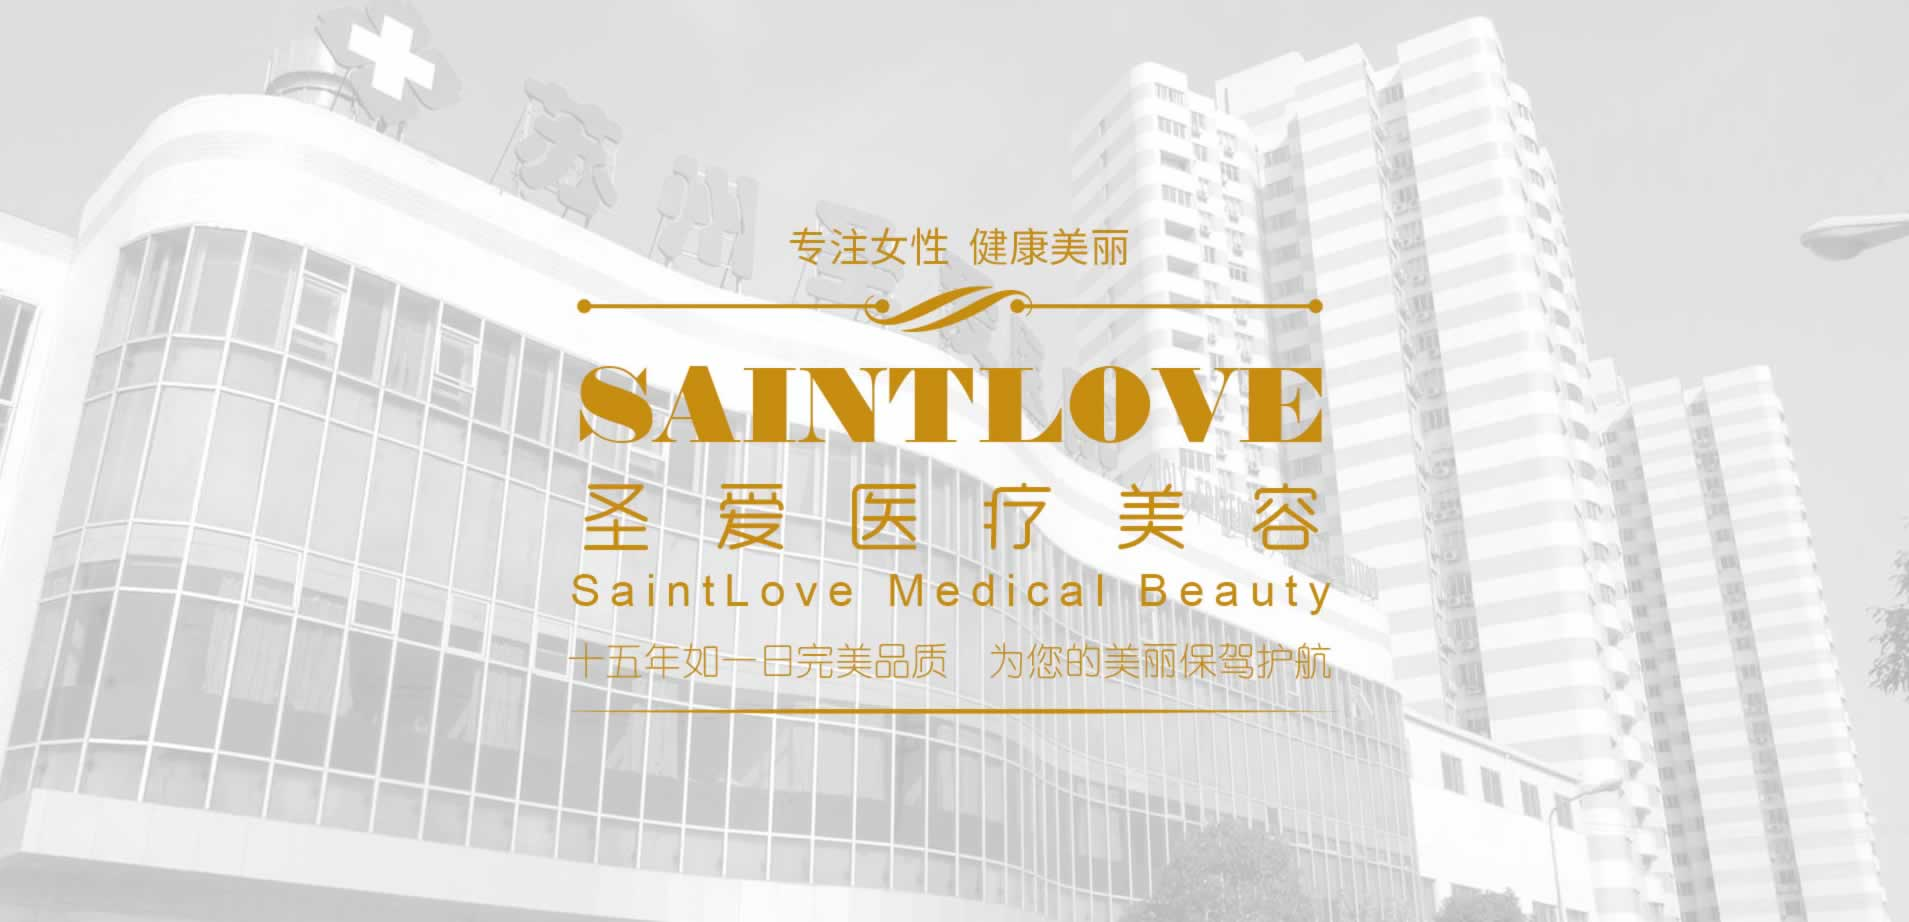 苏州圣爱医院医疗美容医院正规可靠吗?